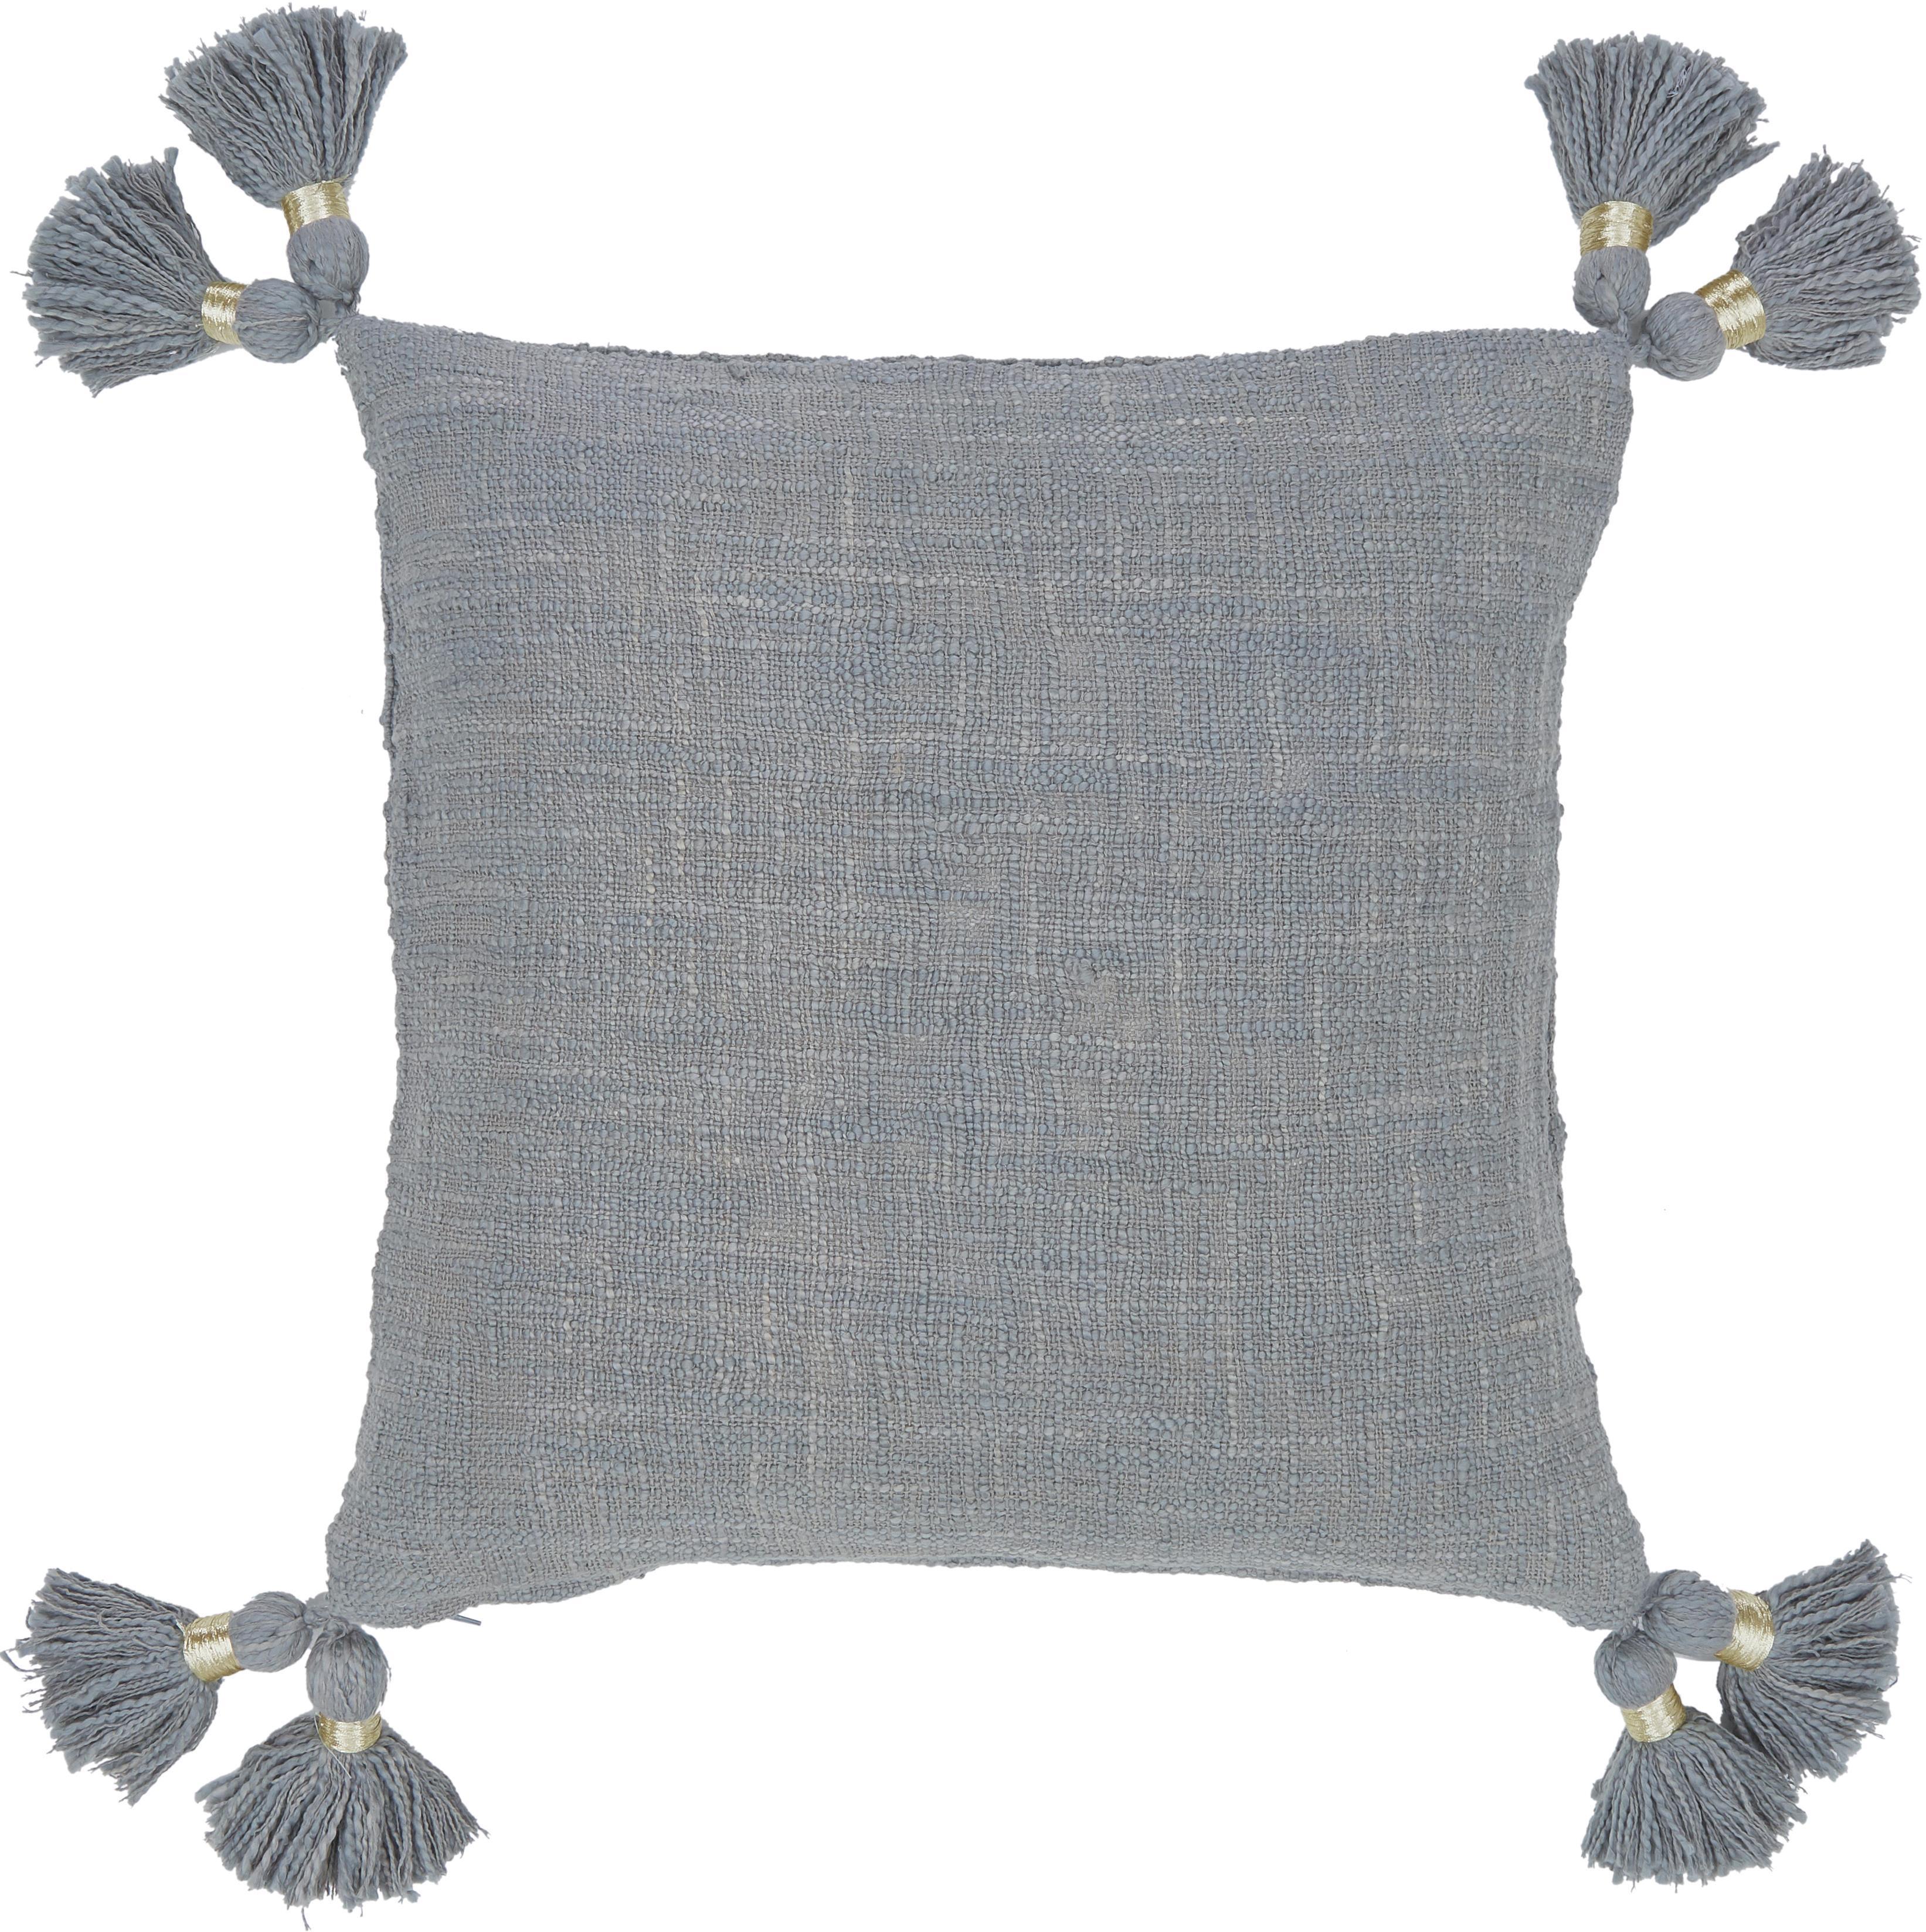 Poszewka na poduszkę z bawełny organicznej z frędzlami Fly, Bawełna organiczna, Szary, S 45 x D 45 cm